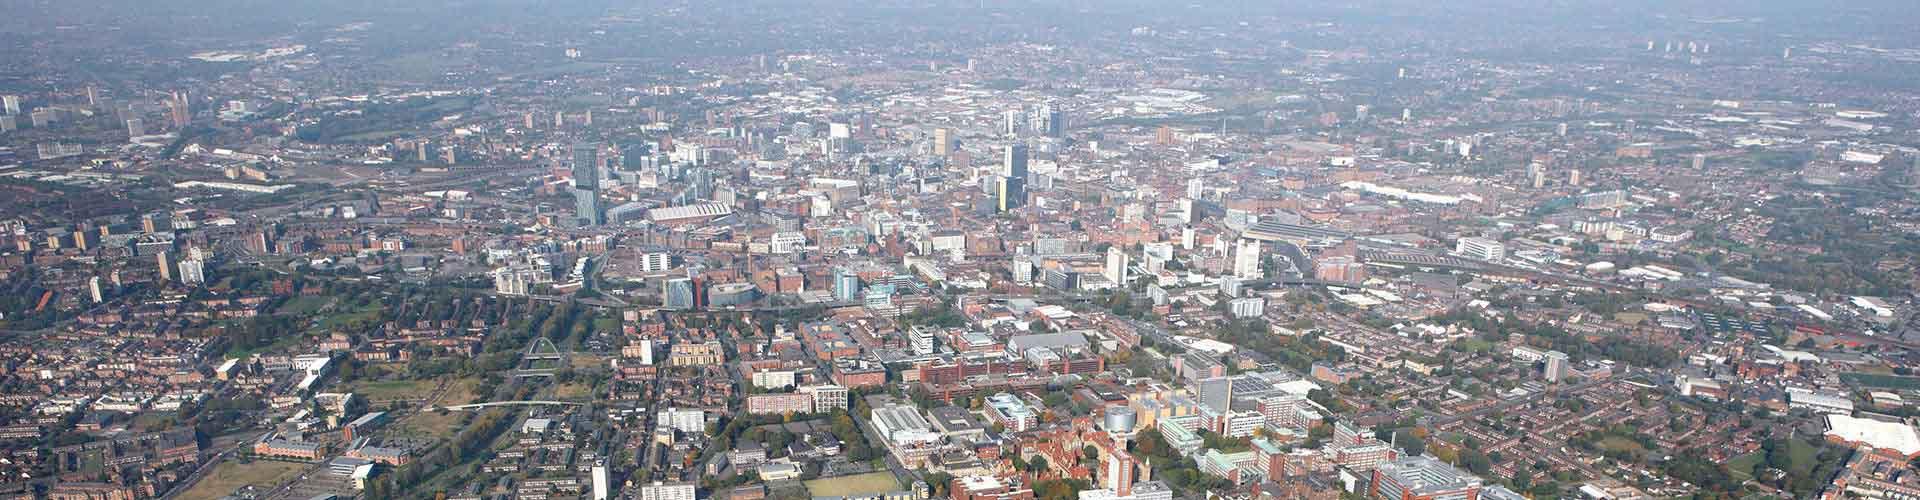 맨체스터 - North Manchester지역에 위치한 호스텔. 맨체스터의 지도, 맨체스터에 위치한 호스텔에 대한 사진 및 리뷰.